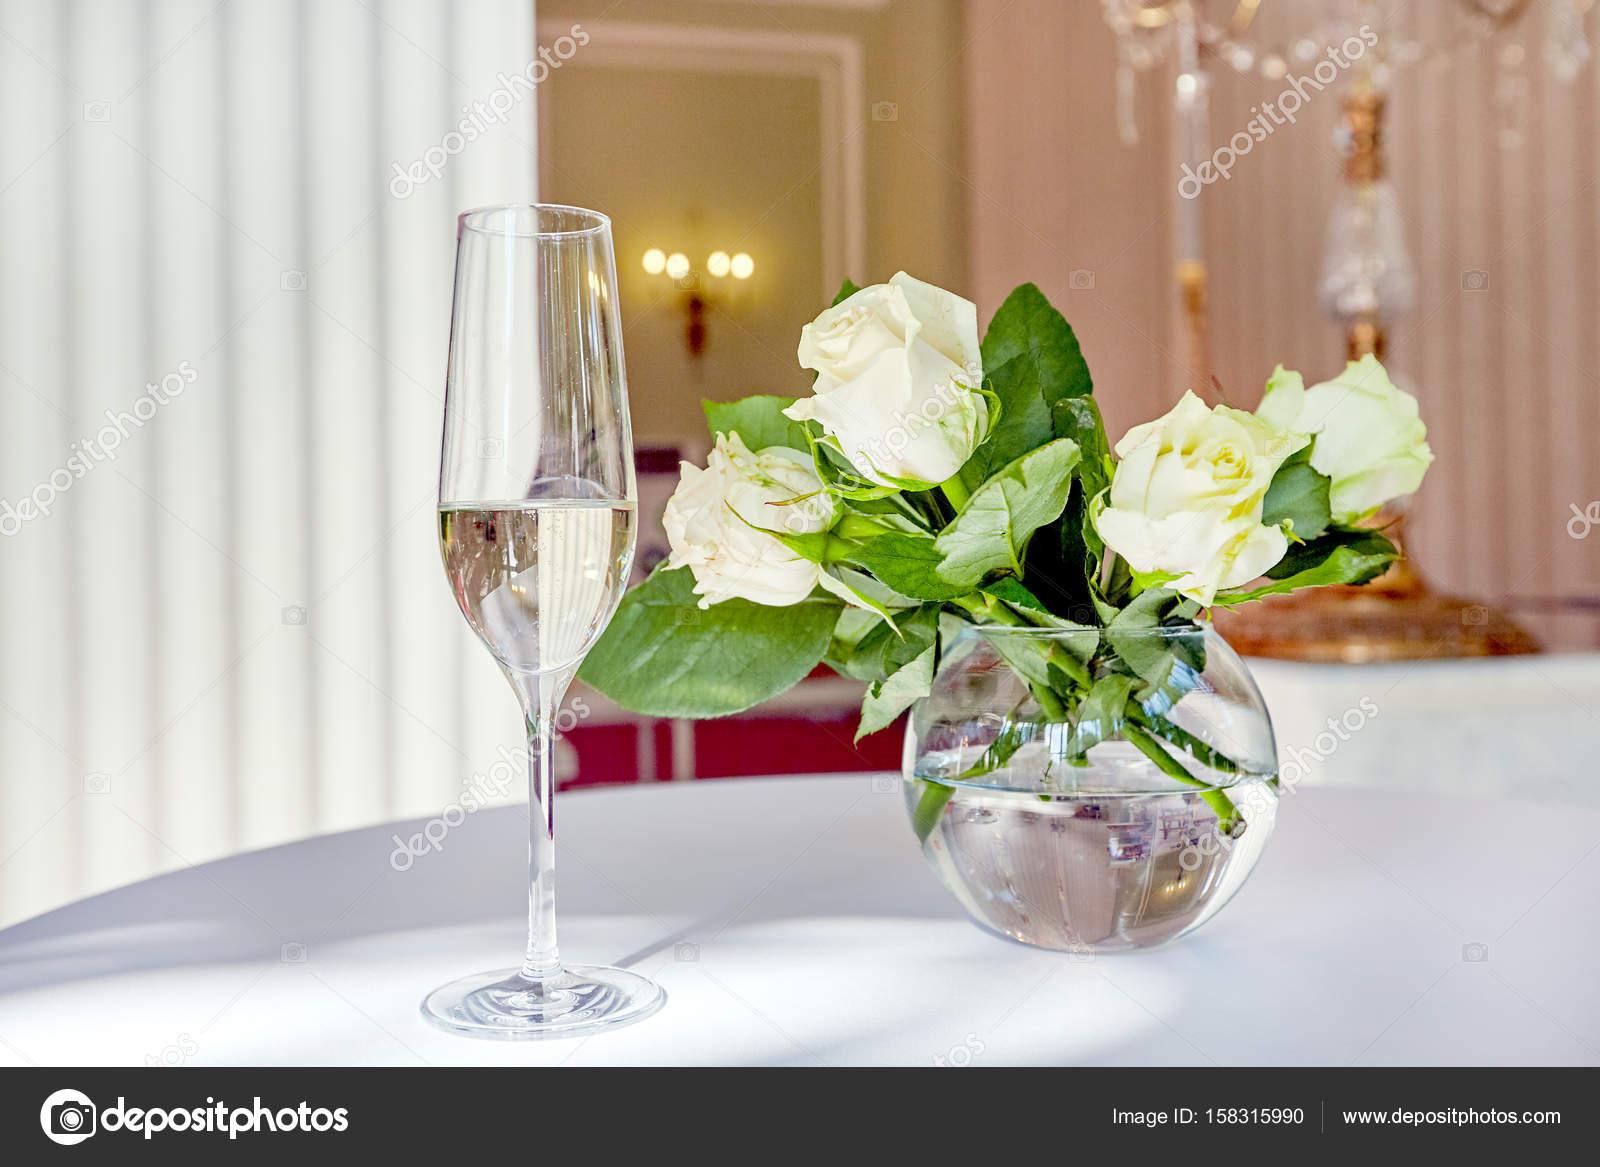 Tischdekoration Mit Blumen Und Glas Wein Stockfoto C Alejandroav